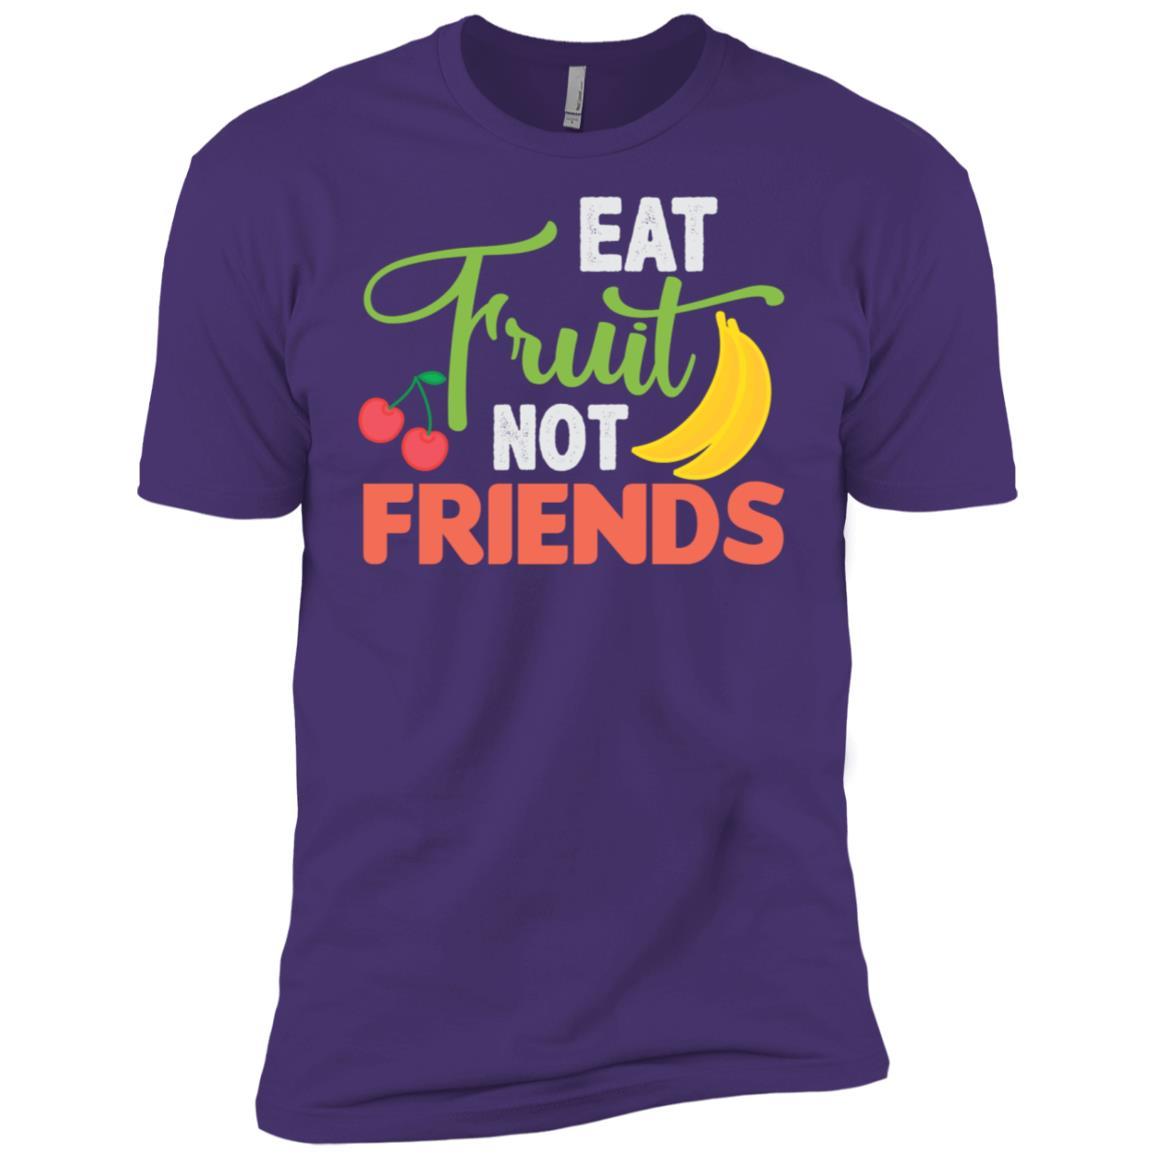 Funny Vegan Gift Eat Fruit Not Friends For Women Men Men Short Sleeve T-Shirt